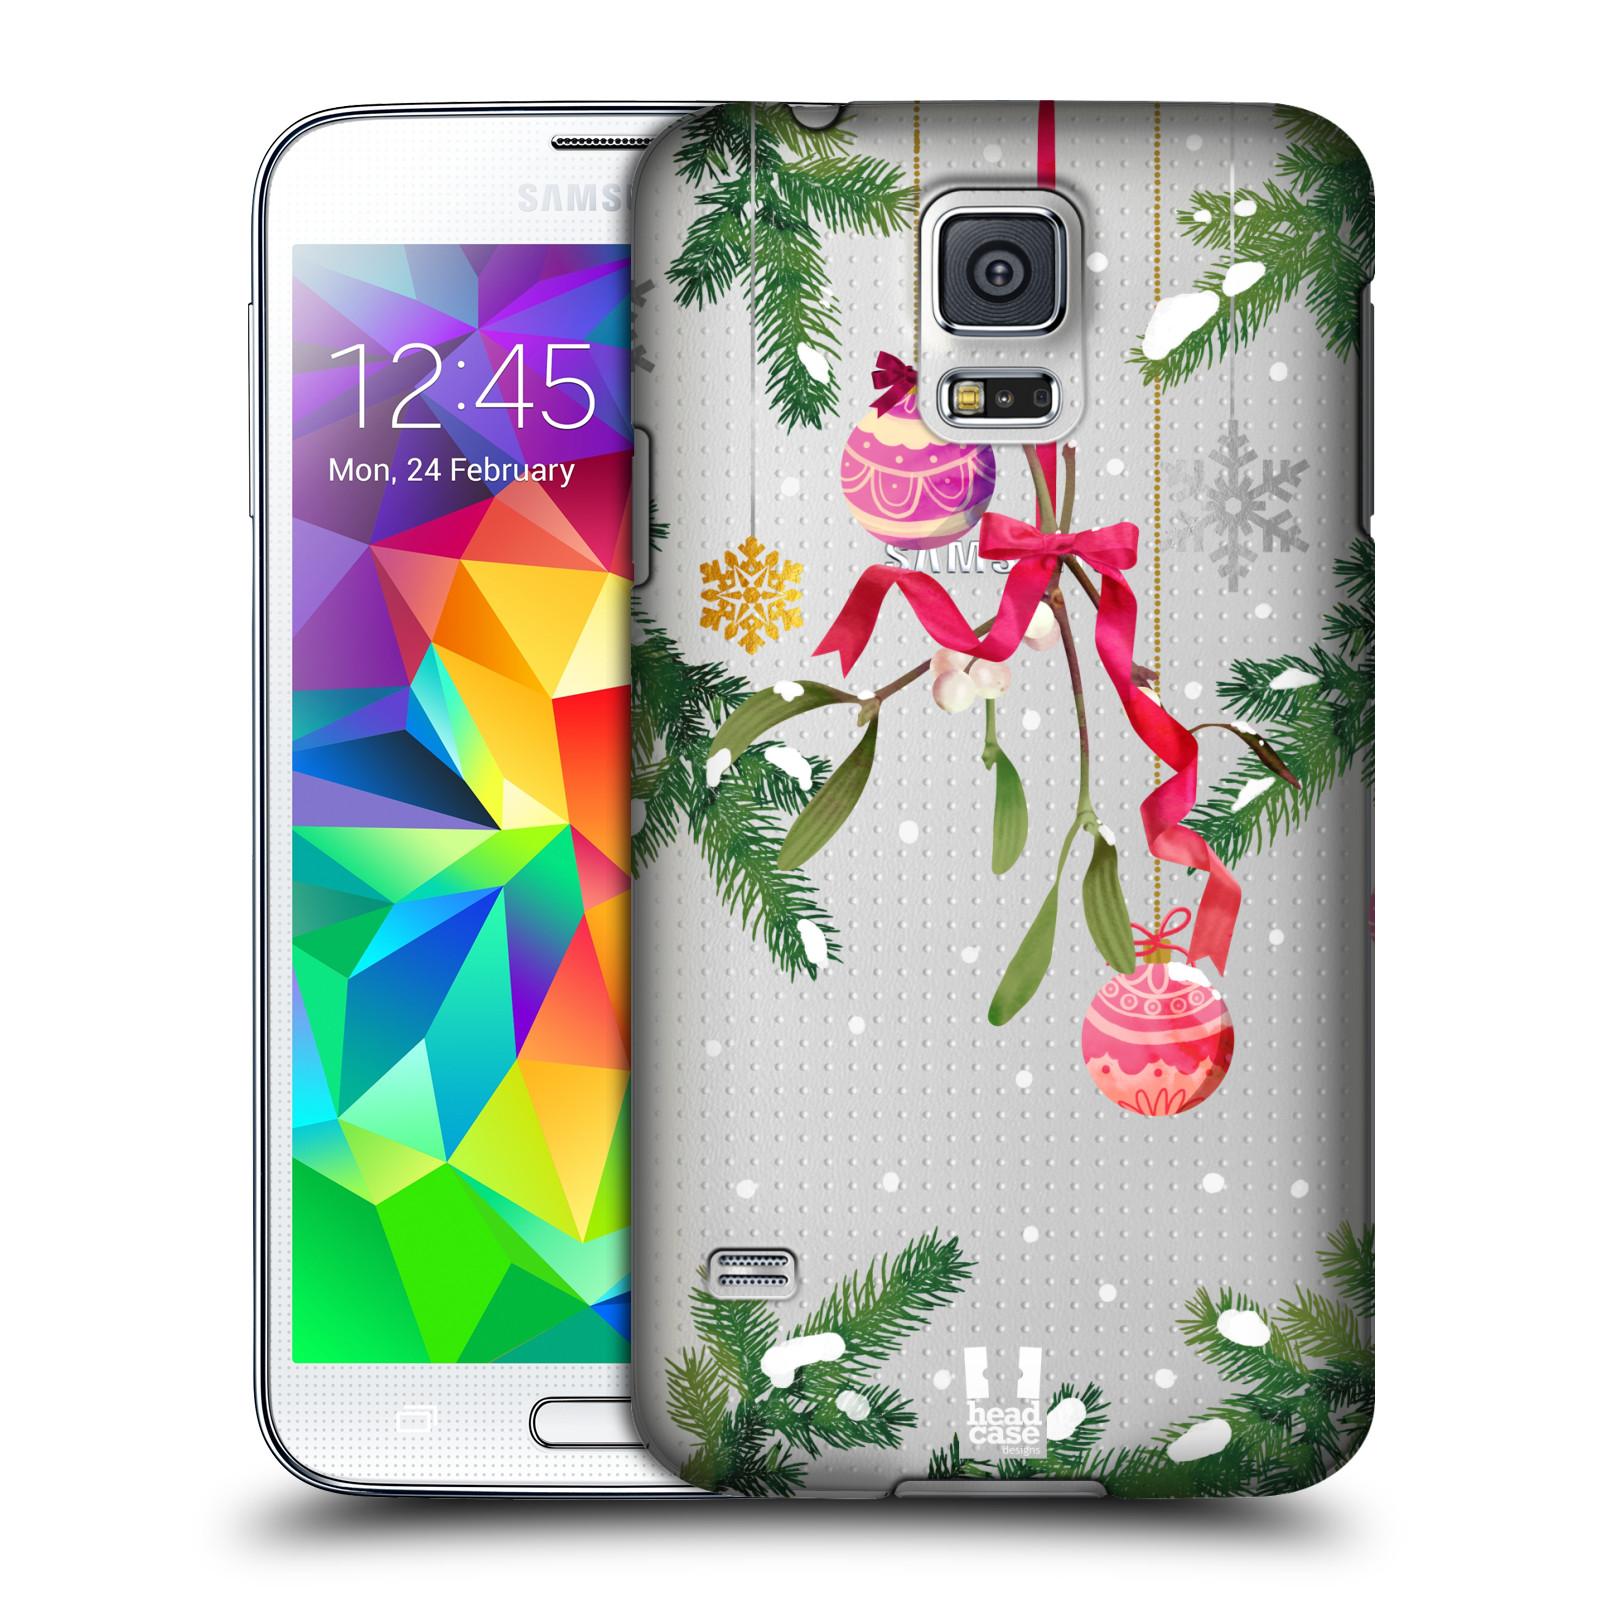 Plastové pouzdro na mobil Samsung Galaxy S5 - Head Case - Větvičky a vánoční ozdoby